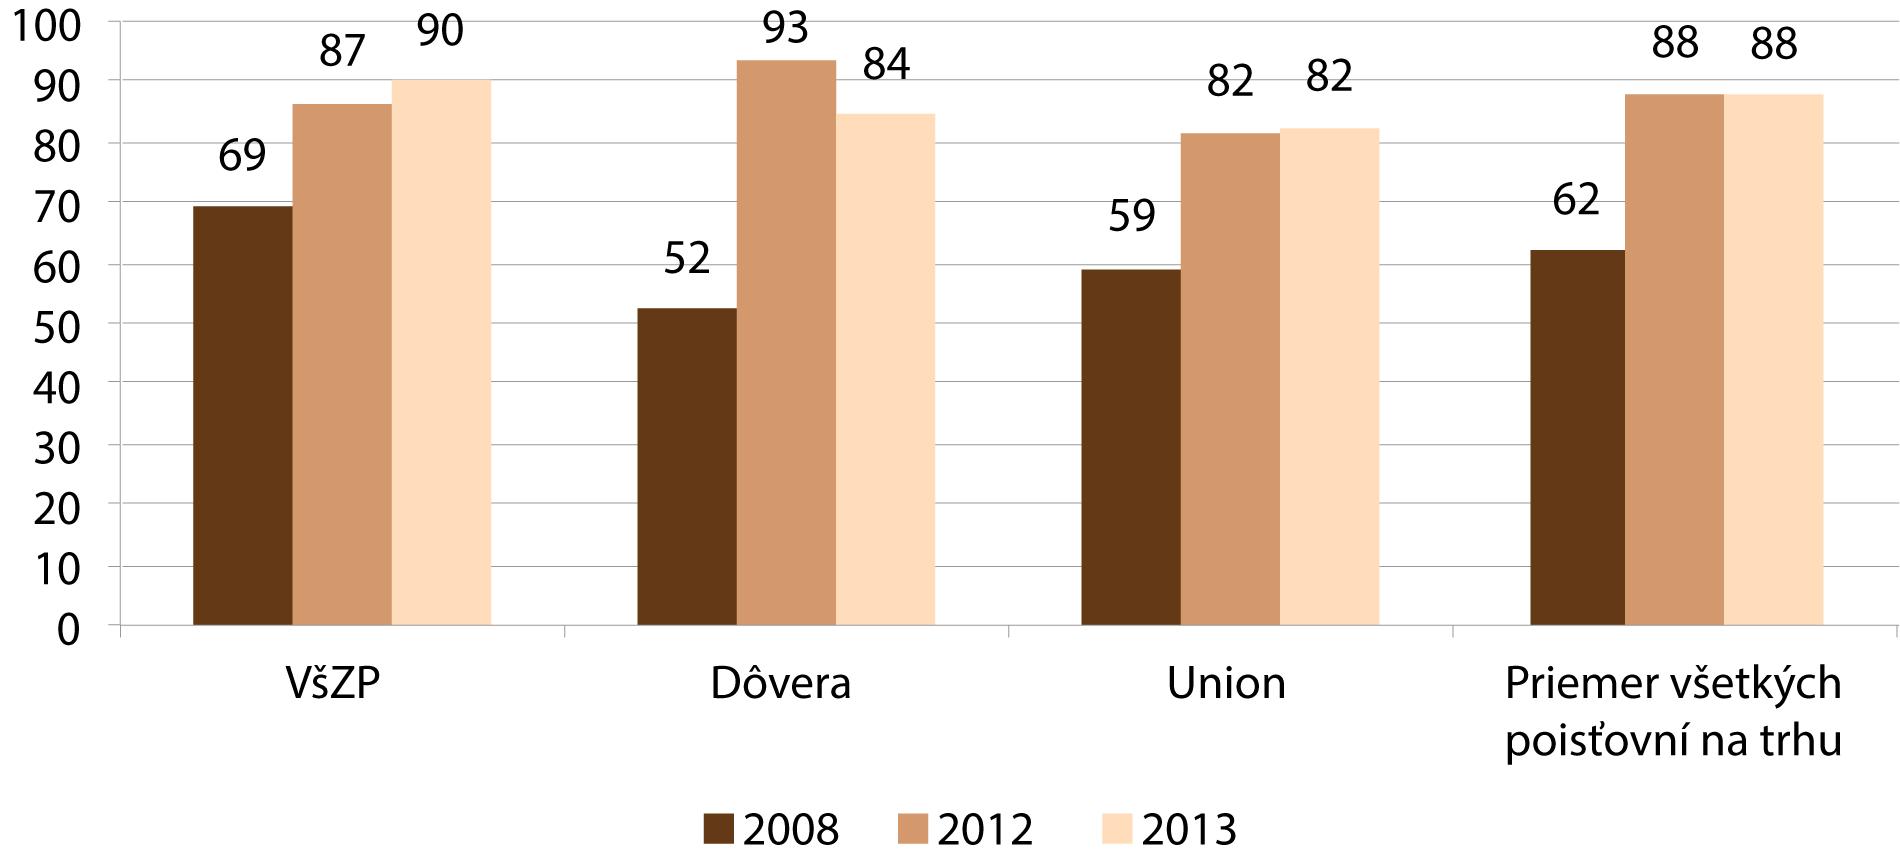 Graf porovnávajúci čakacie doby pre operáciu katarakty podľa poisťovne vdňoch